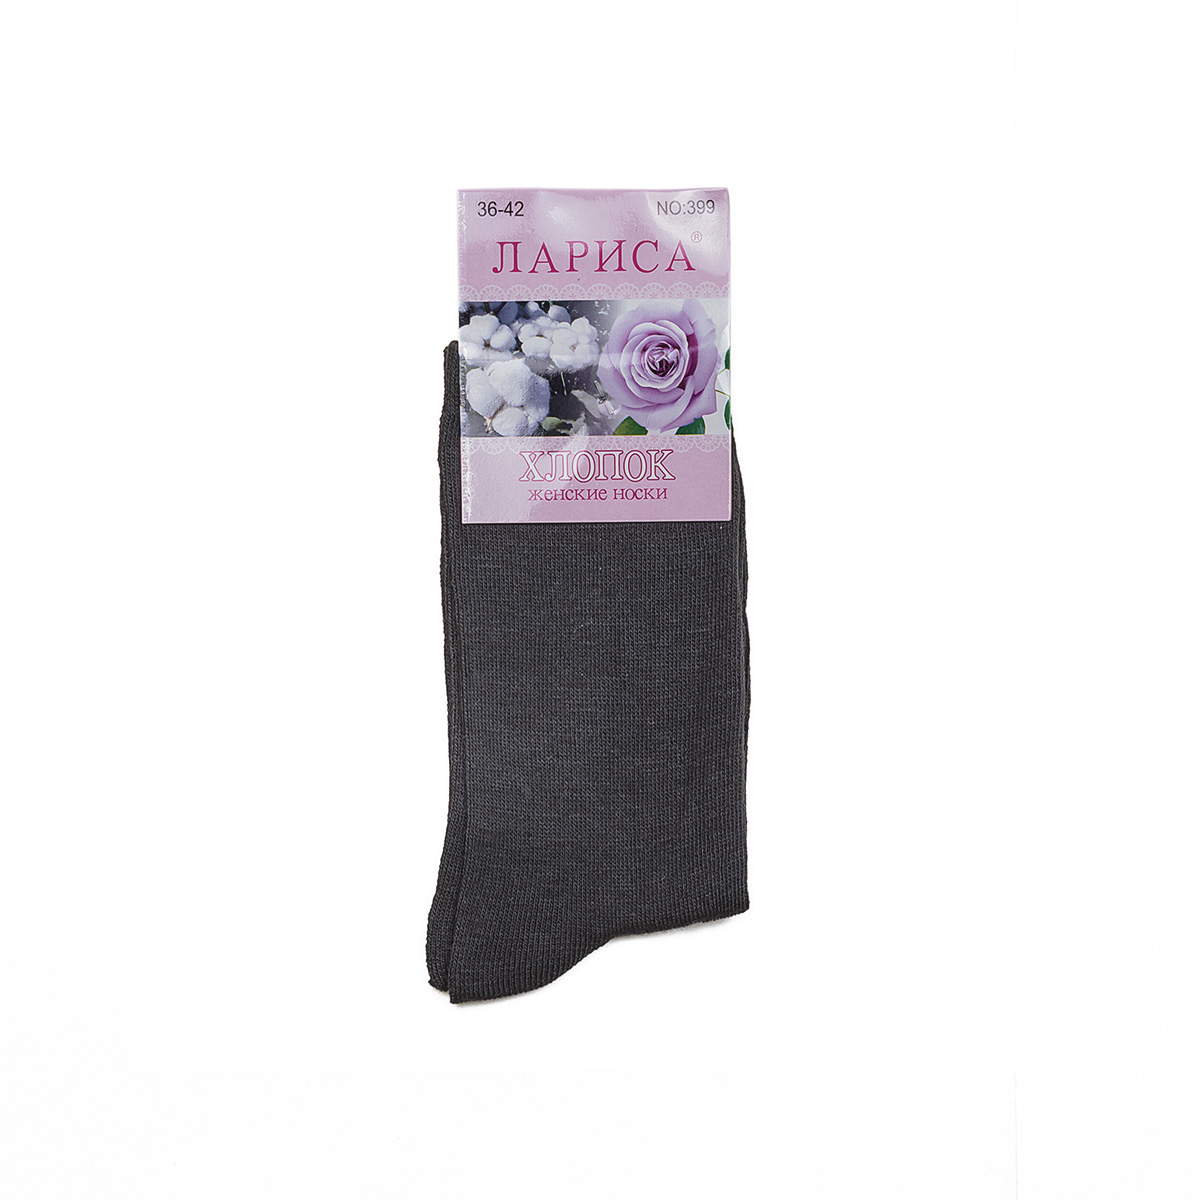 Носки женские Лариса арт. 0766, размер 36-42Носки и чулки<br><br><br>Тип: Жен. носки<br>Размер: 36-42<br>Материал: Хлопок